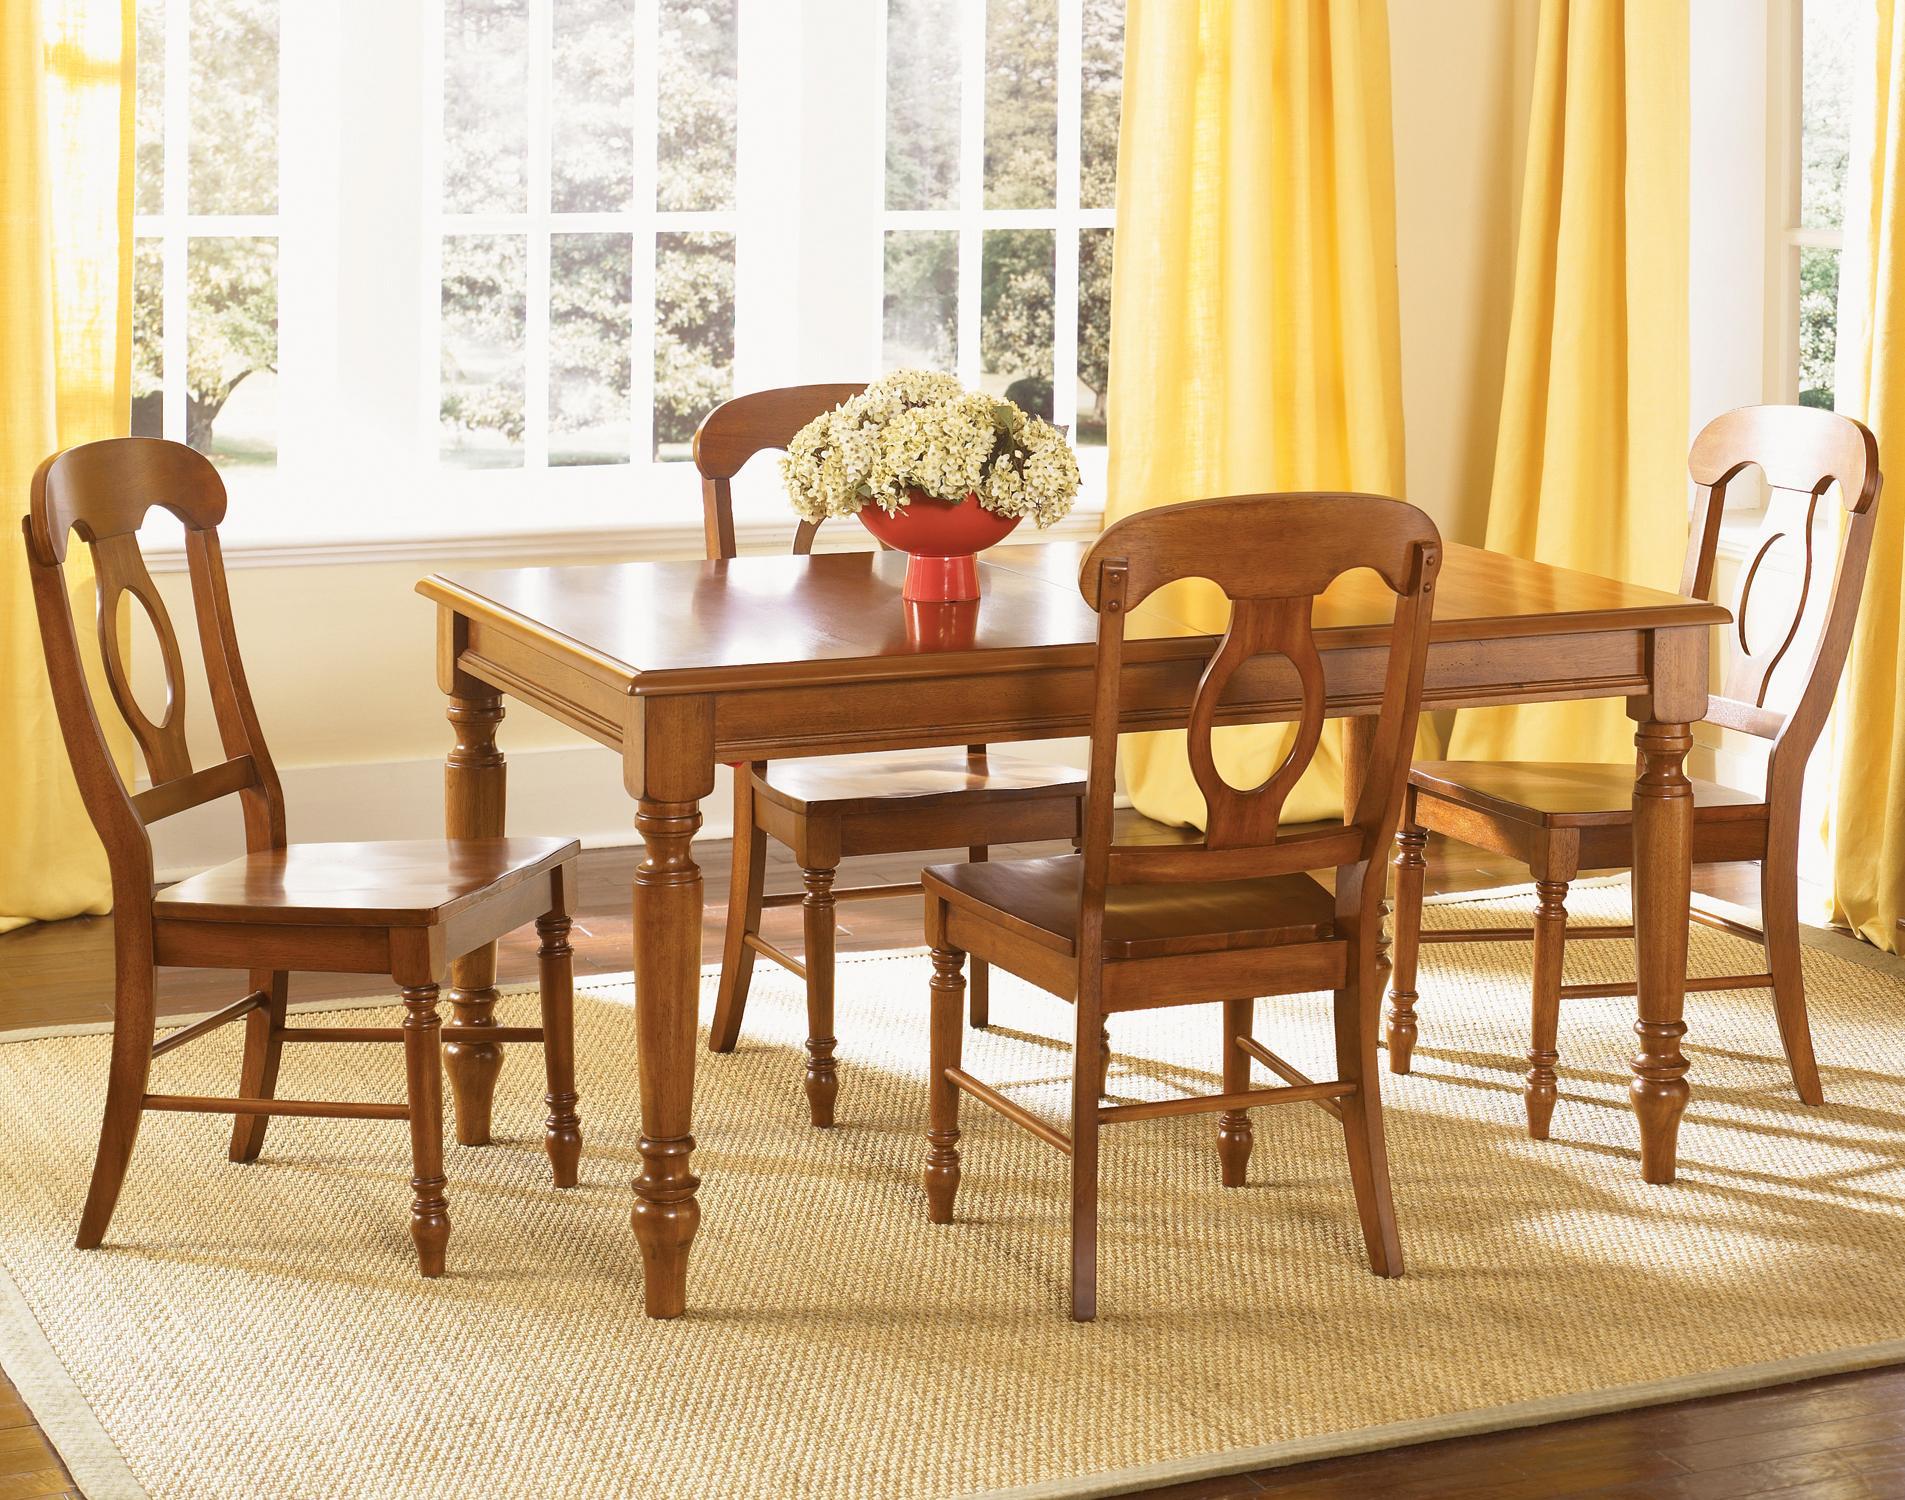 Liberty Furniture Low Country 5 Piece Rectangular Table Set - Item Number: 76-CD-SET419